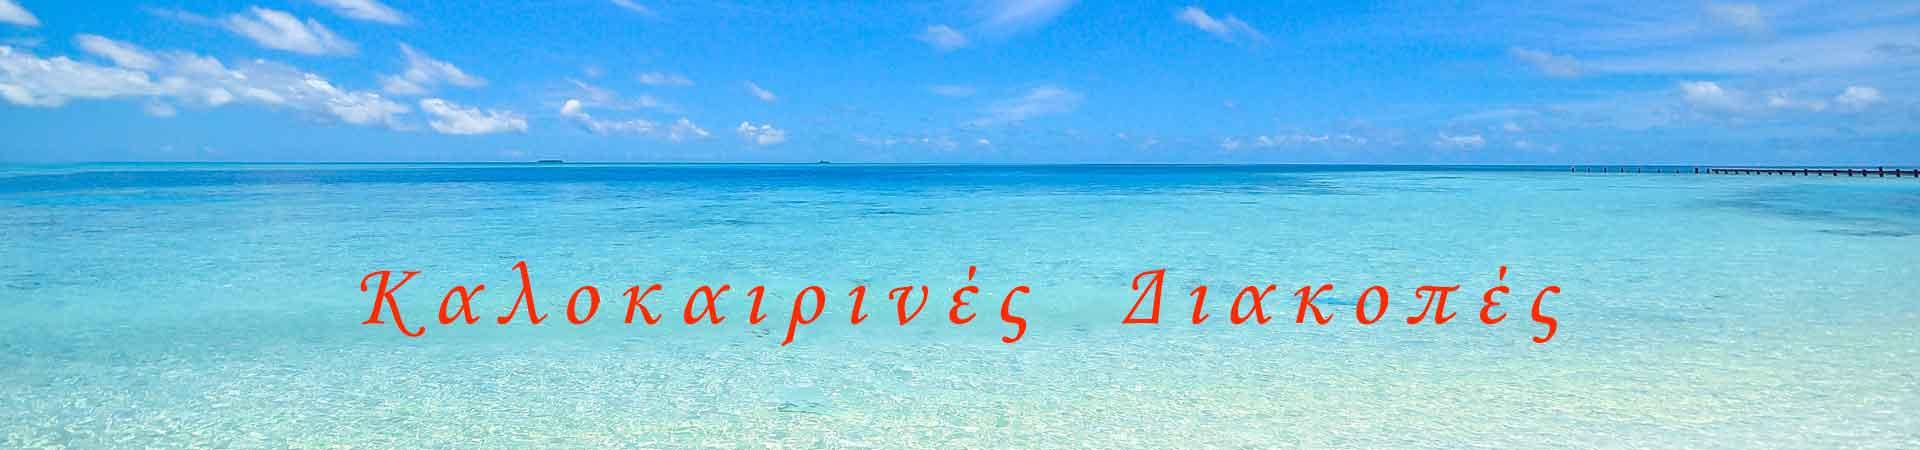 Ημερολόγιο Διακοπών 2020